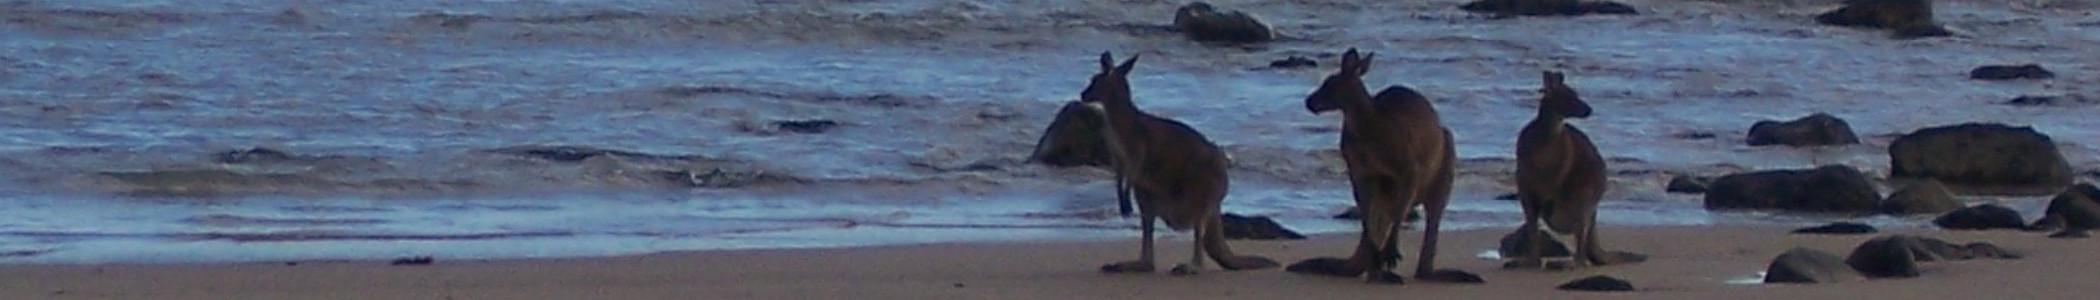 Australia_banner_Kangaroos_on_beach